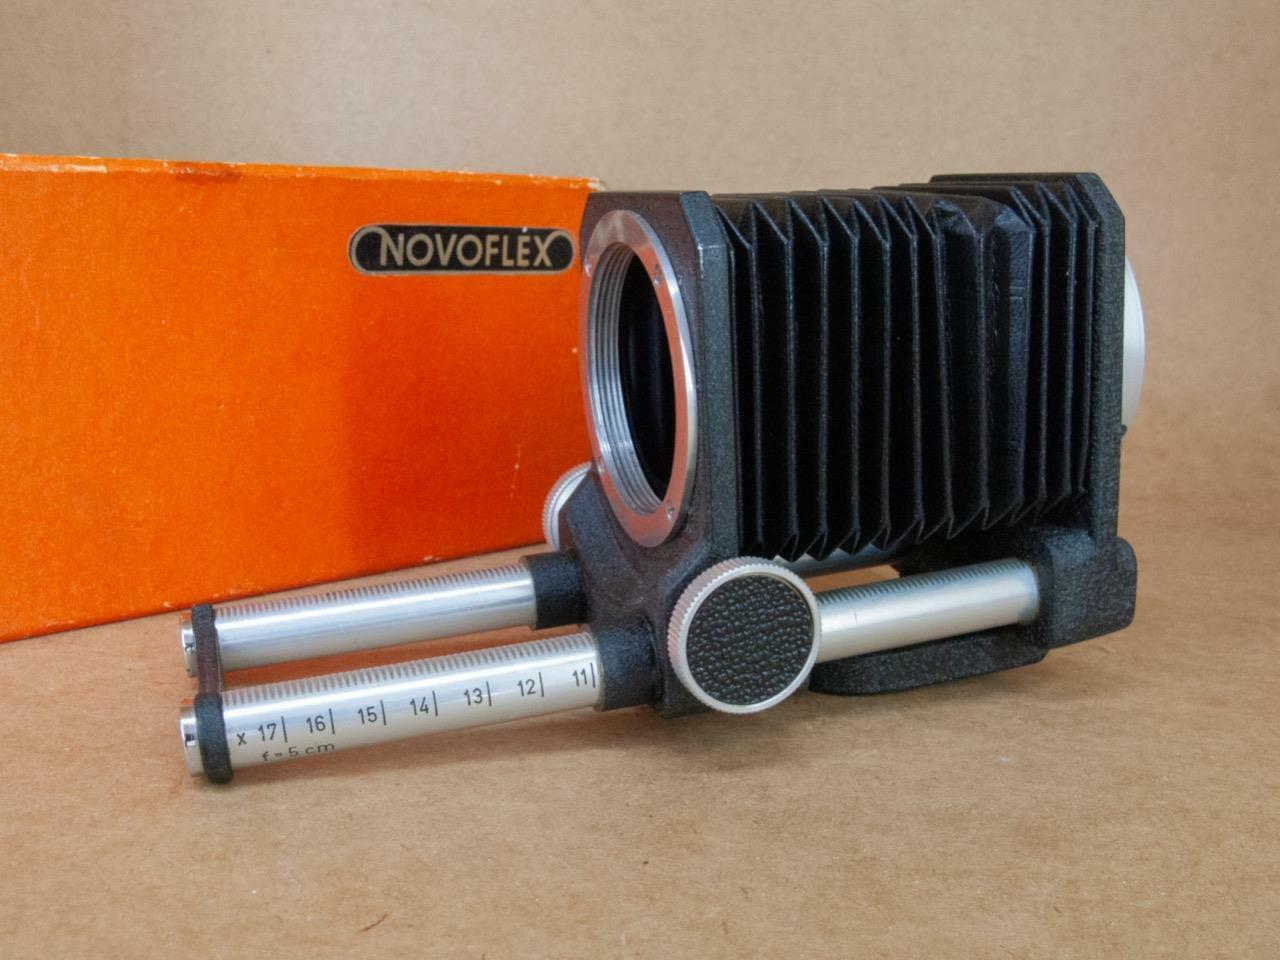 Novoflex Bellows Leica M39 mount - Boxed